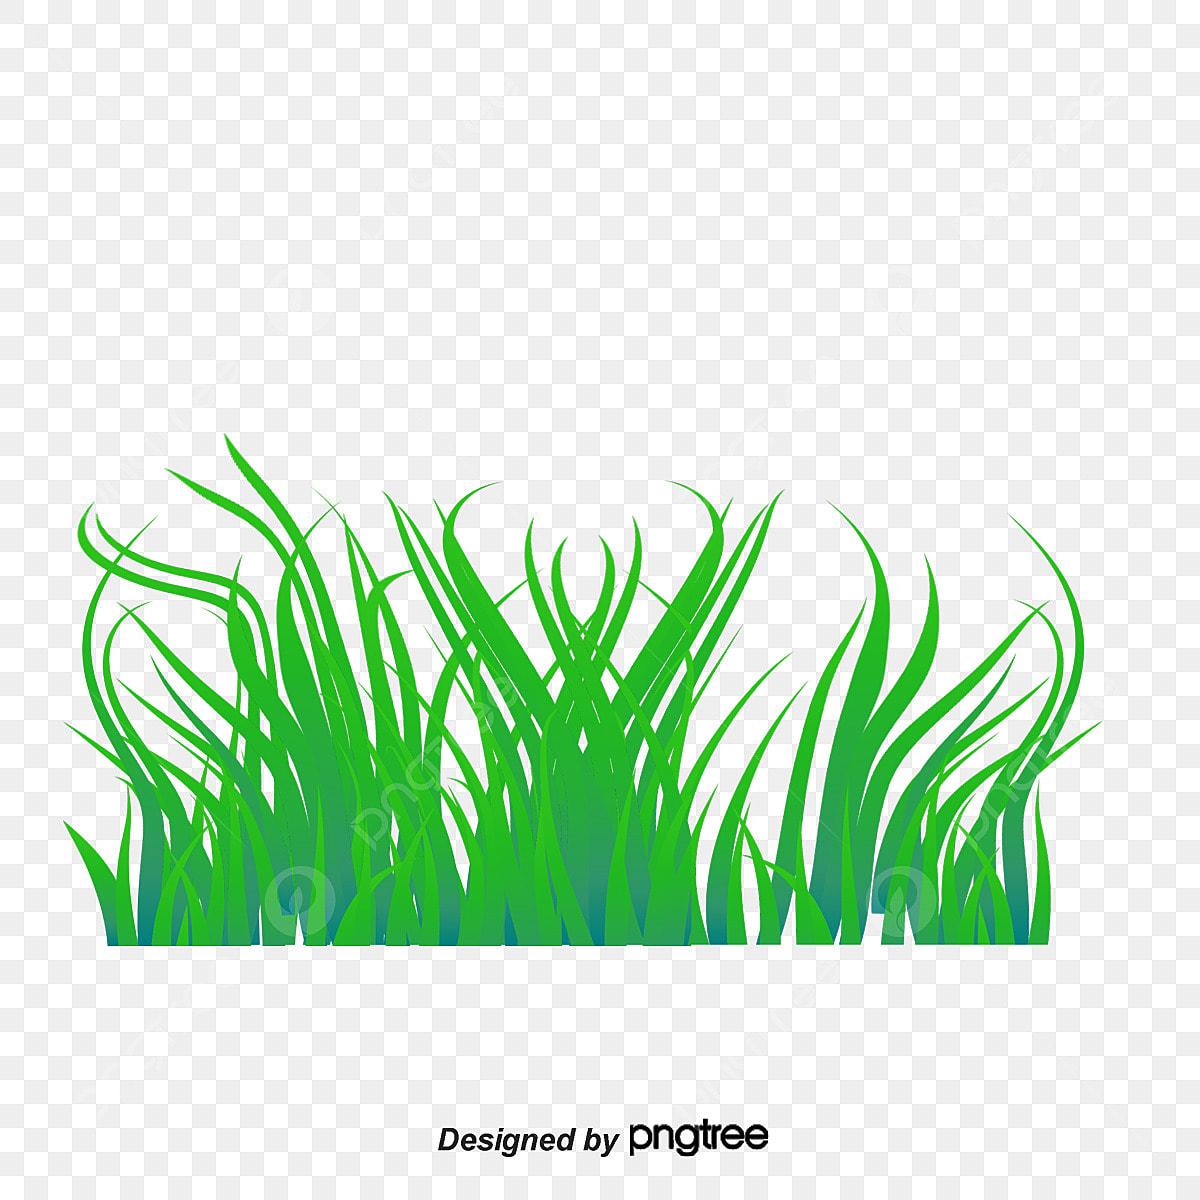 الكرتون ناقلات العشب الأخضر العشب العشب ناقلات كرتون أخضر Png والمتجهات للتحميل مجانا